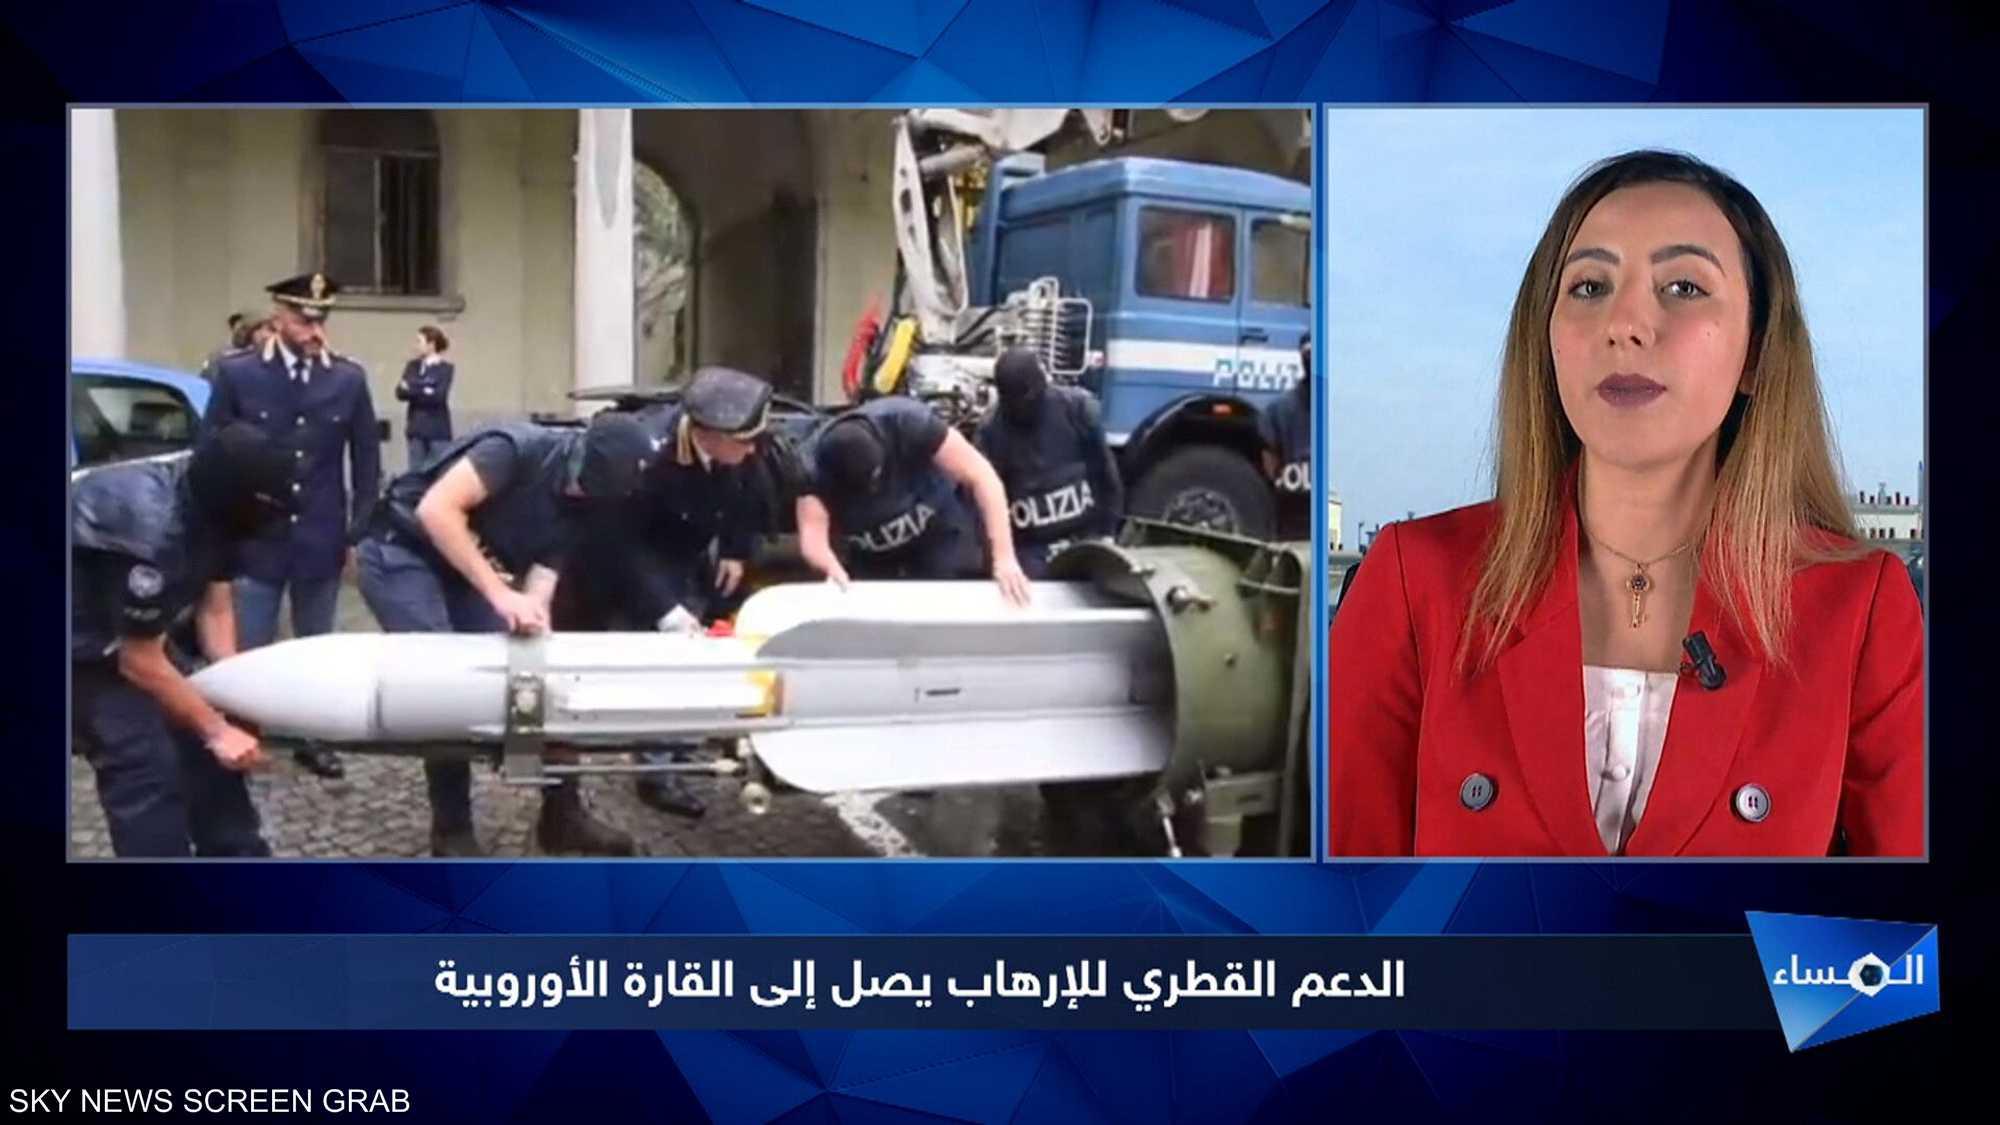 الدعم القطري للإرهاب يصل إلى القارة الأوروبية